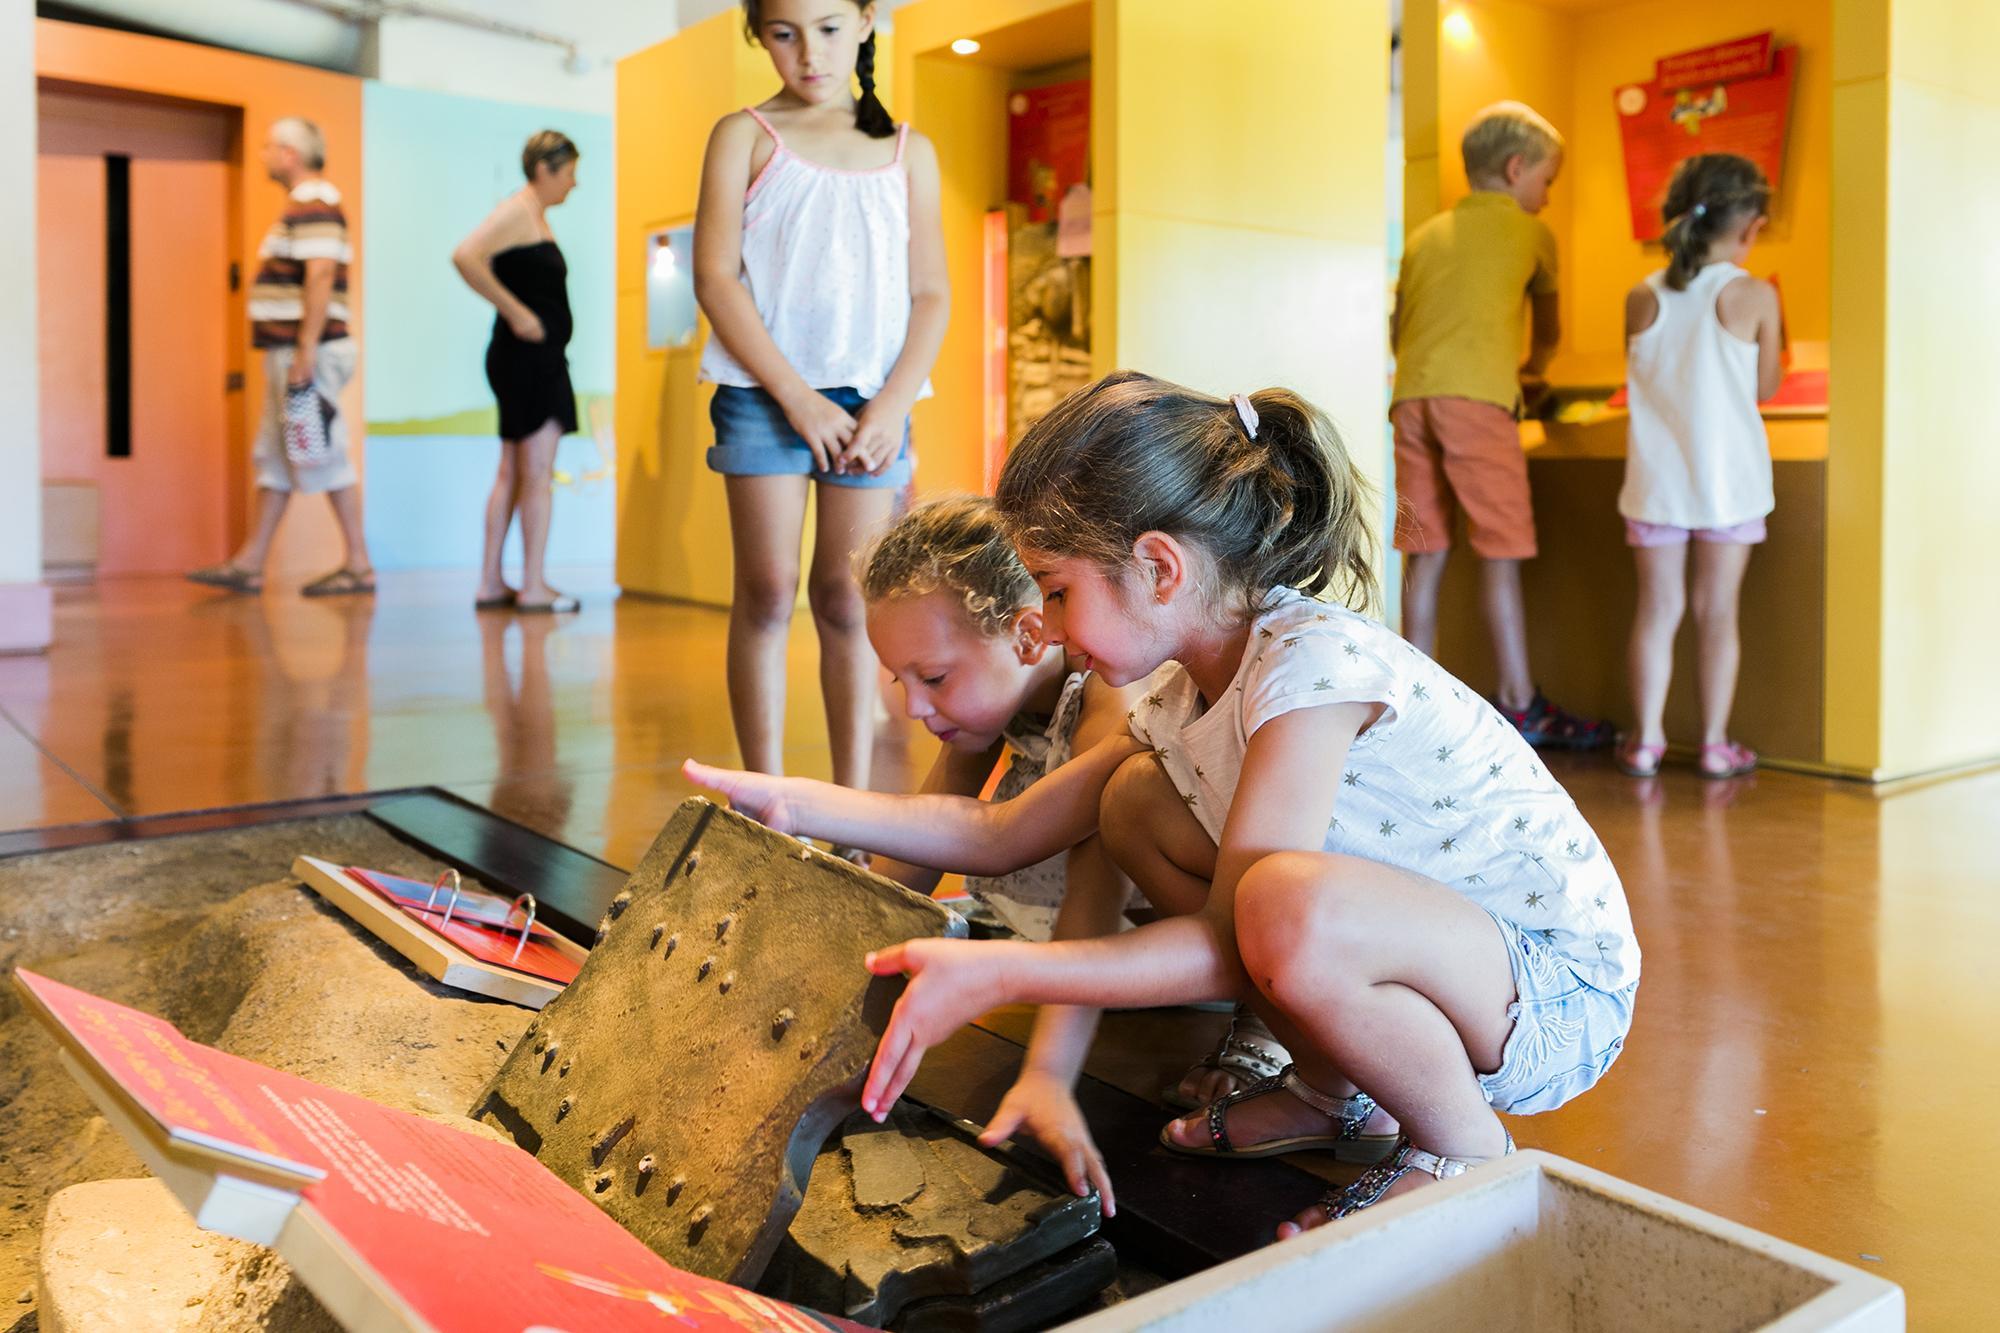 Côté culture, les enfants peuvent se faire archéologistes et explorer et découvrir le passé. - © Aurelio Rodriguez